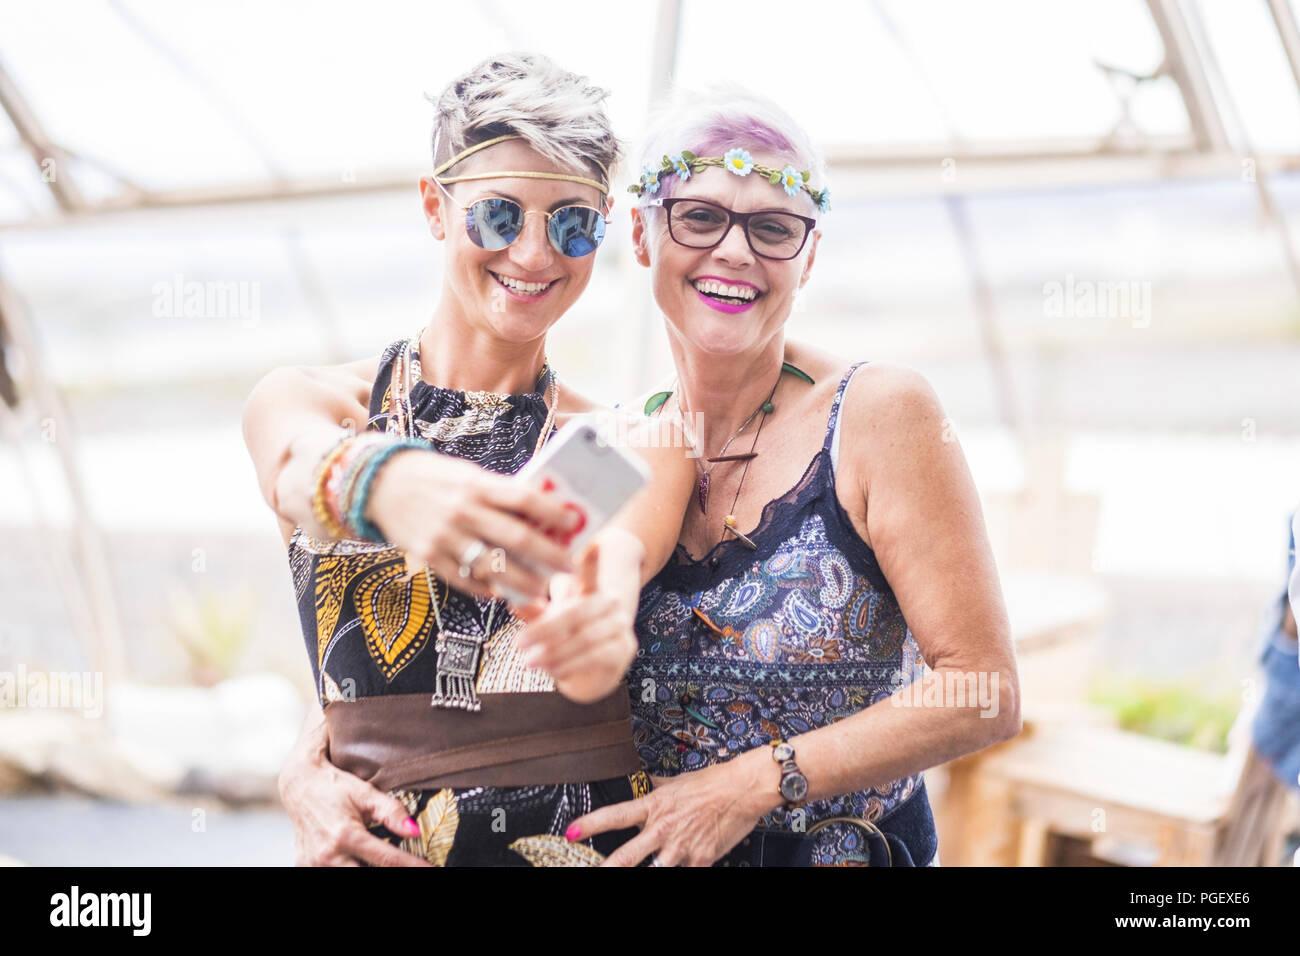 Pareja hippie de hermosas mujeres caucásicas utilizar un teléfono inteligente. Las diferentes edades bonito pueblo atractivo permanecer juntos en la actividad de ocio feliz con fri Imagen De Stock